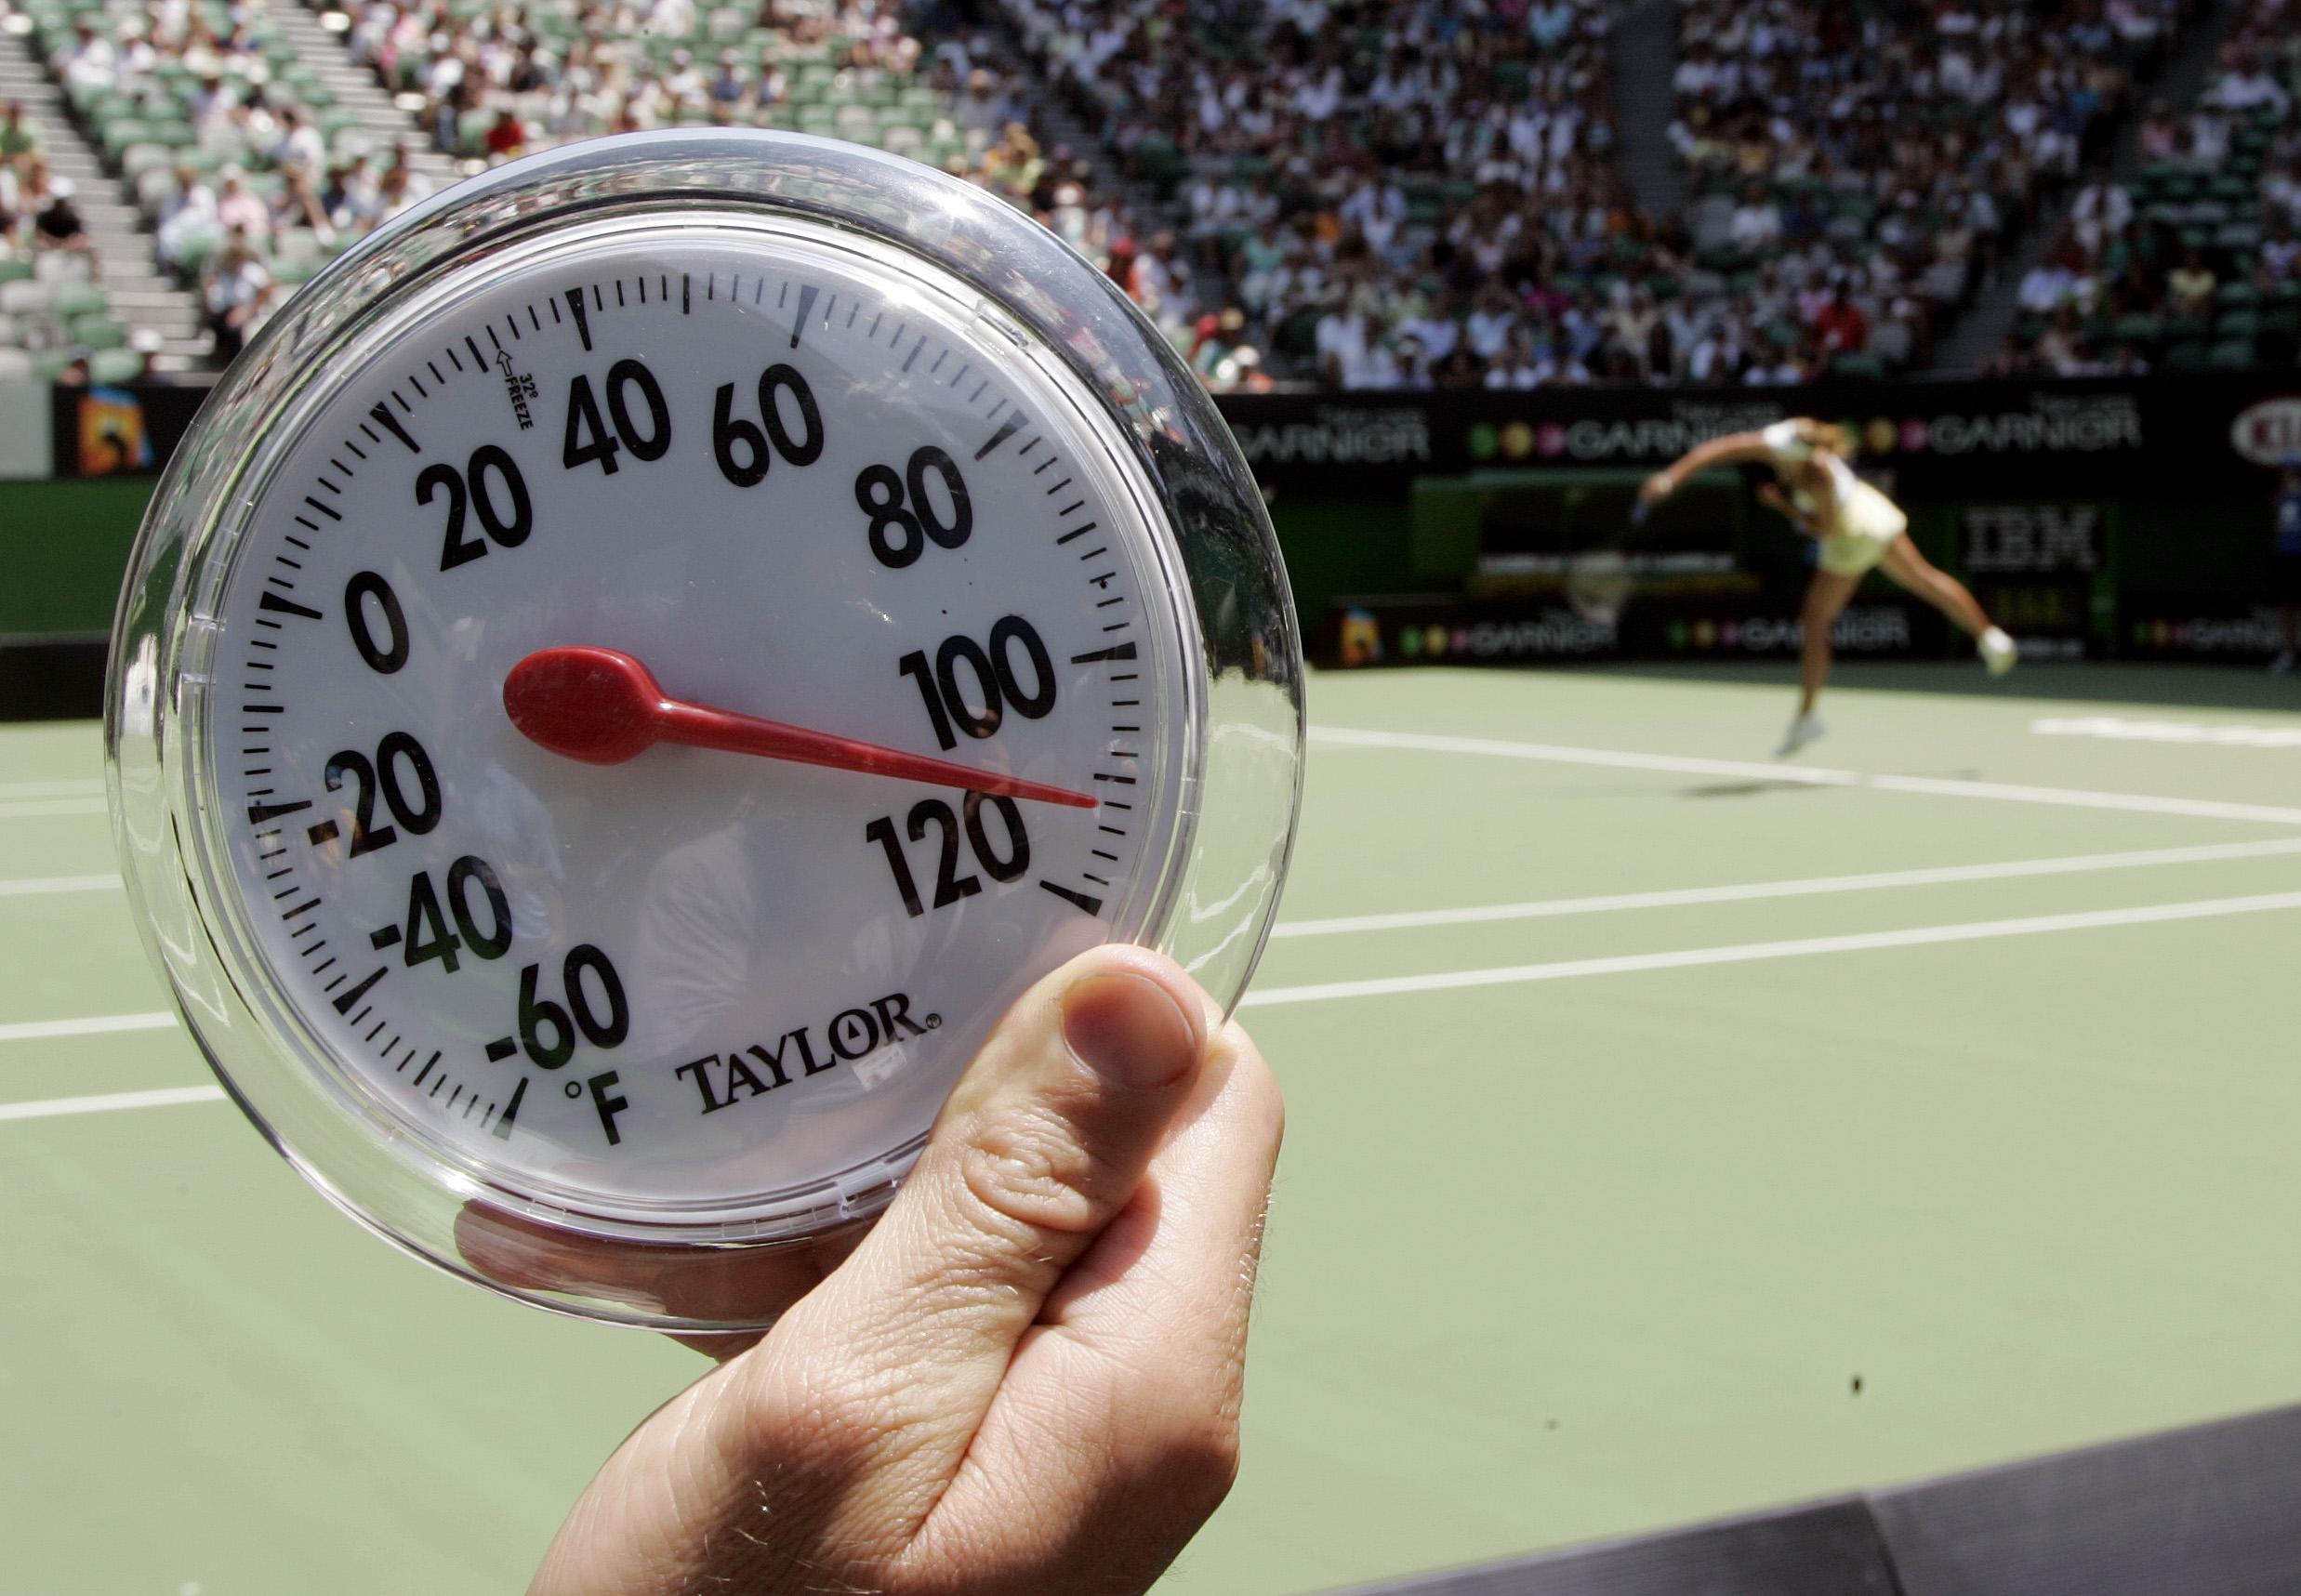 澳網期間,氣溫逾攝氏四十度並非奇事。AP